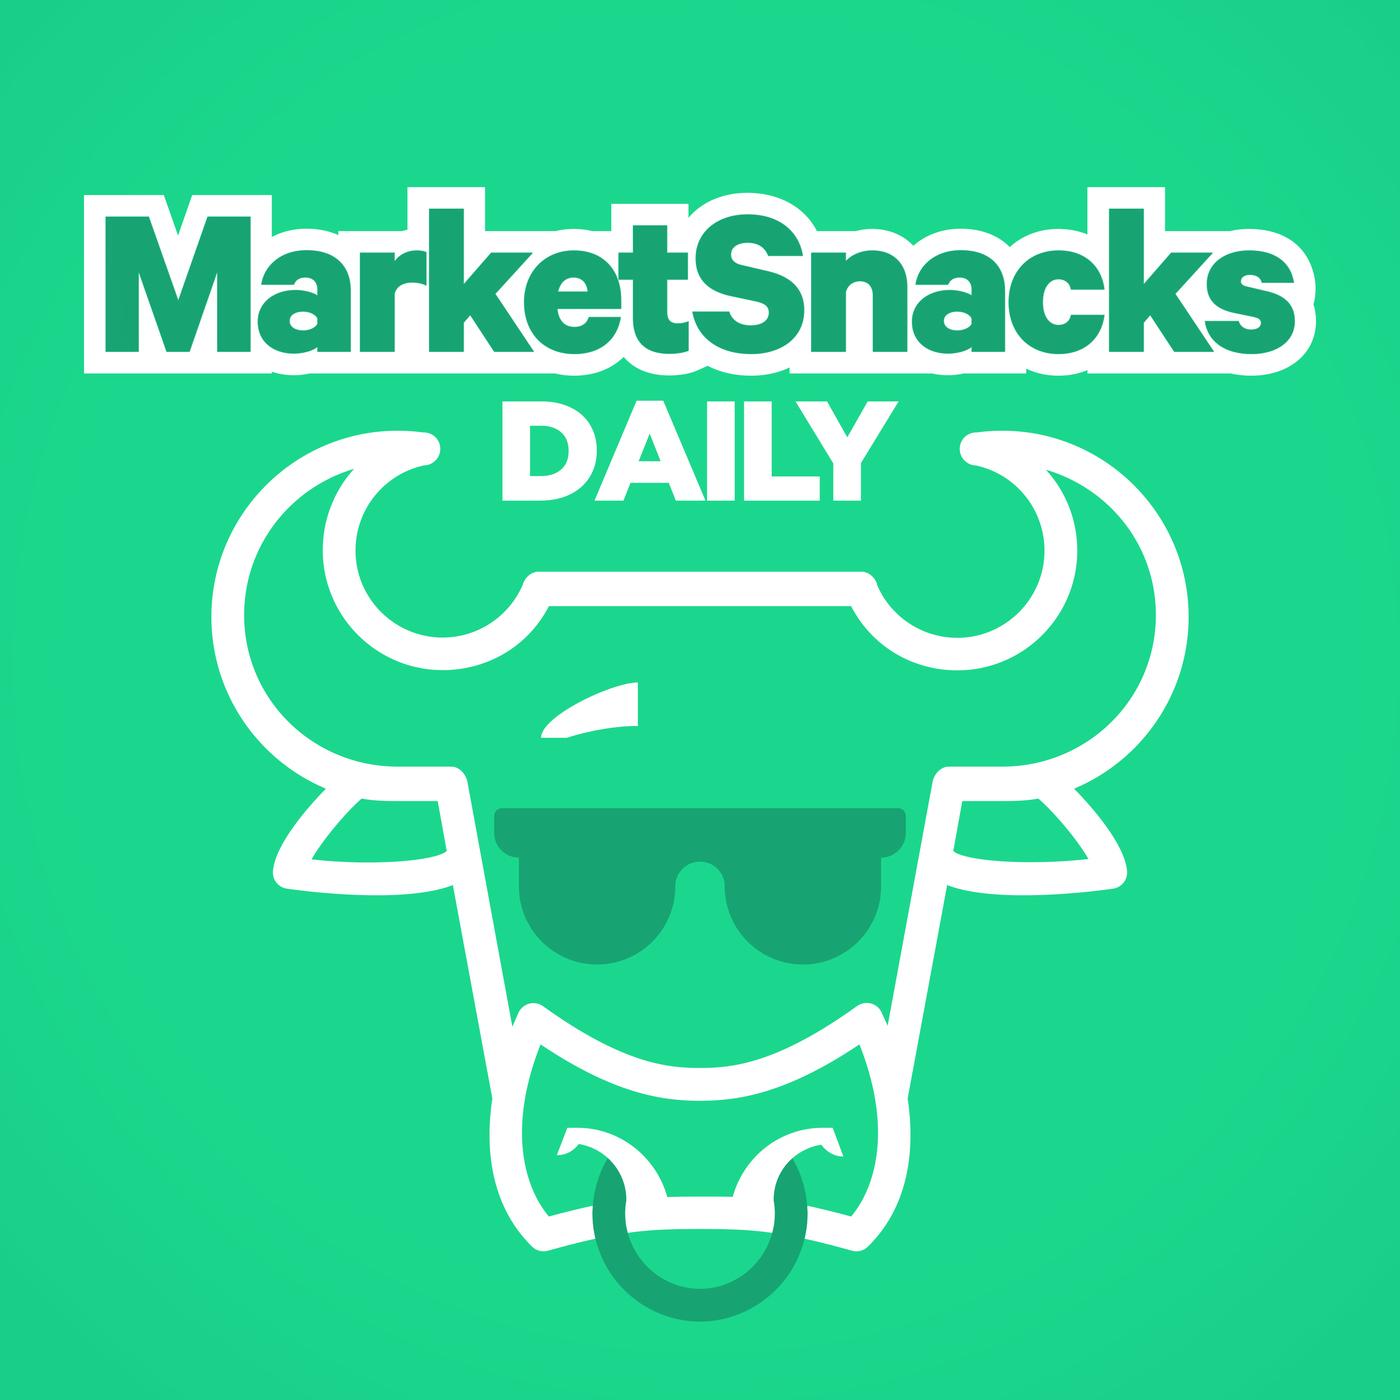 Marketsnacks Daily By Marketsnacks And Cadence13 On Apple Podcasts